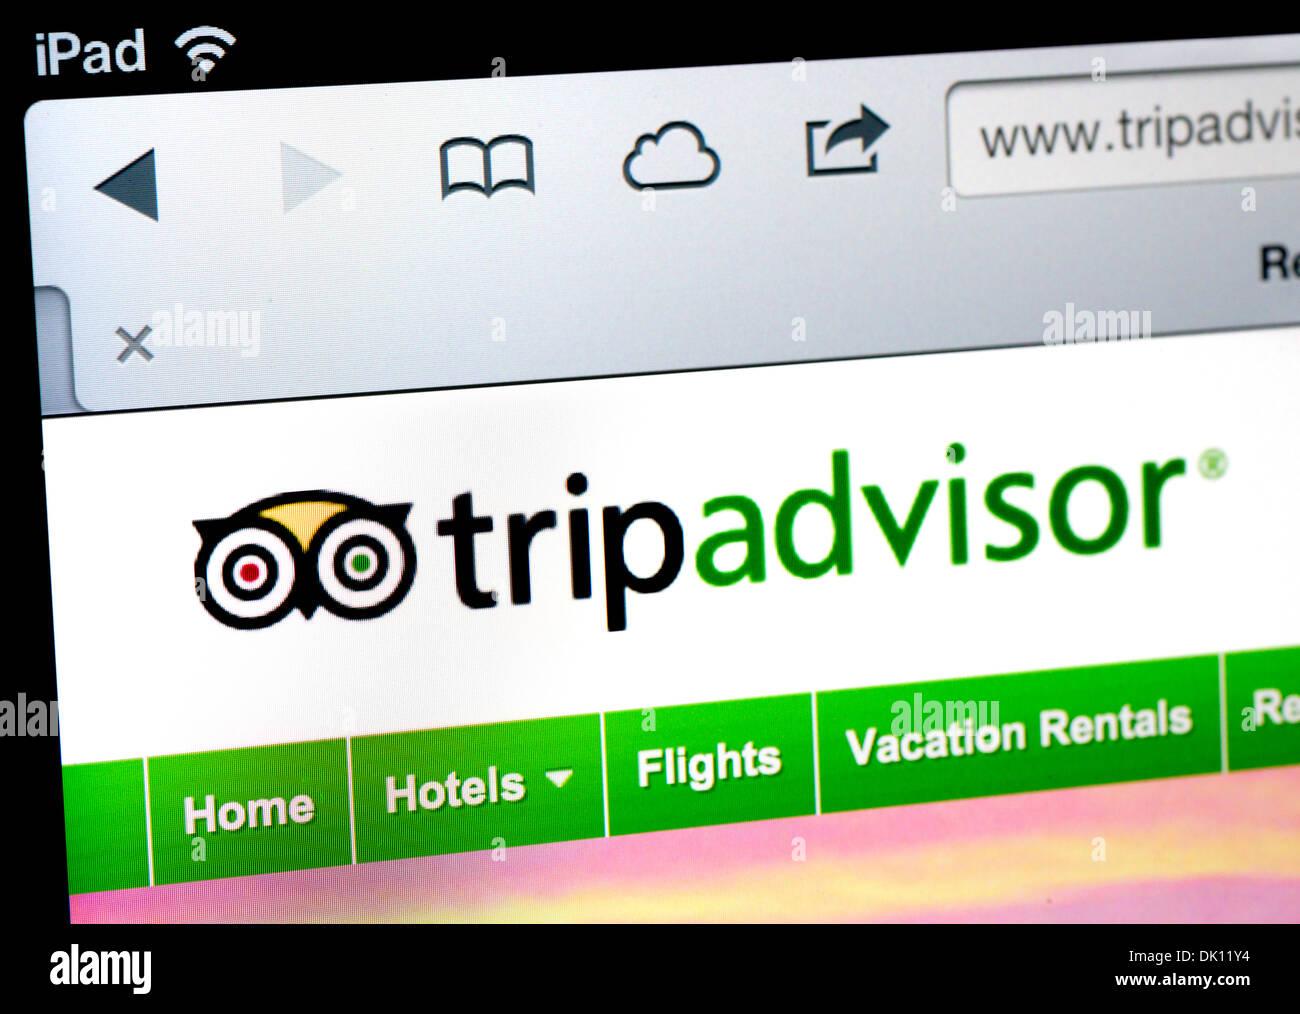 TripAdvisor.com sito su un iPad Immagini Stock